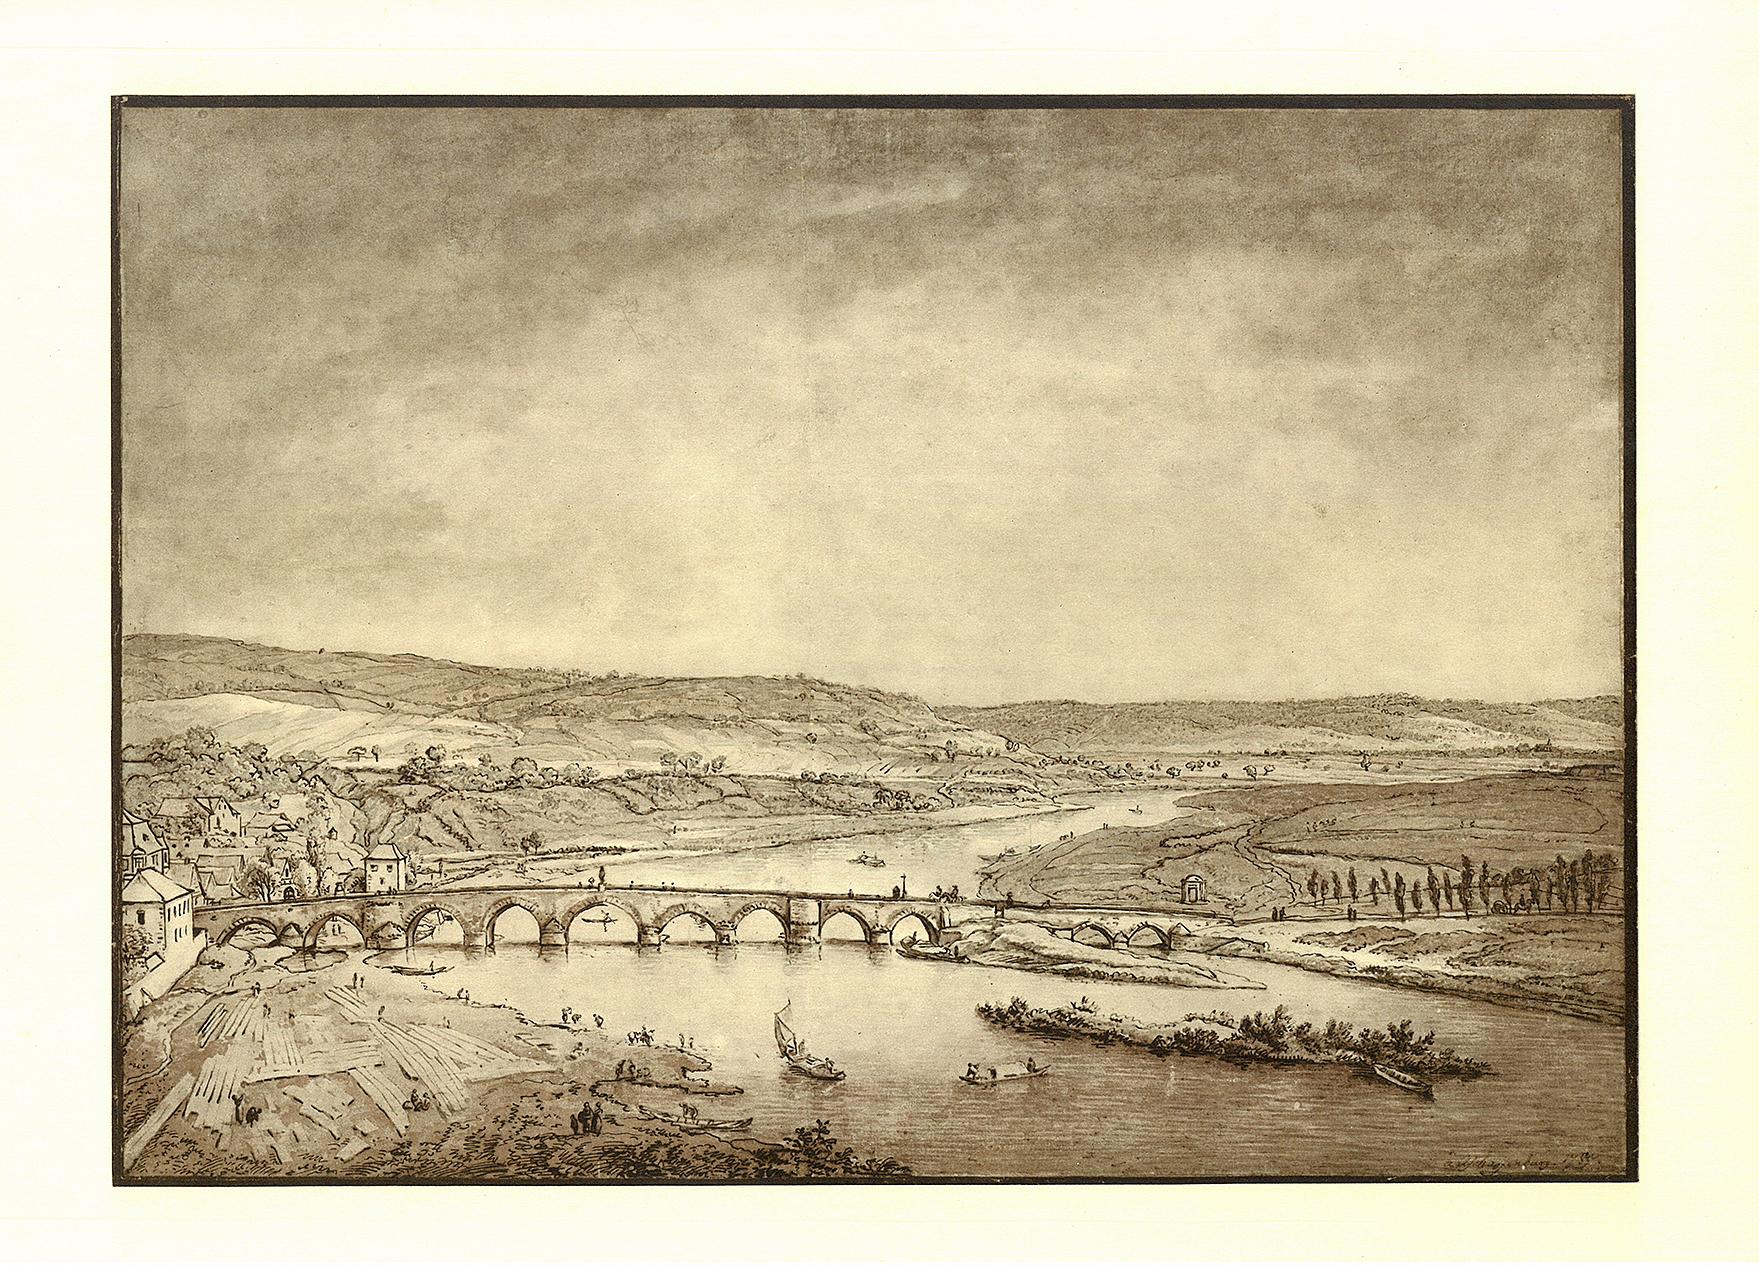 © Ferdinand Kobell, Ansicht von Aschaffenburg mit der Mainbrücke, Aquarell, um 1785, Museen der Stadt Aschaffenburg